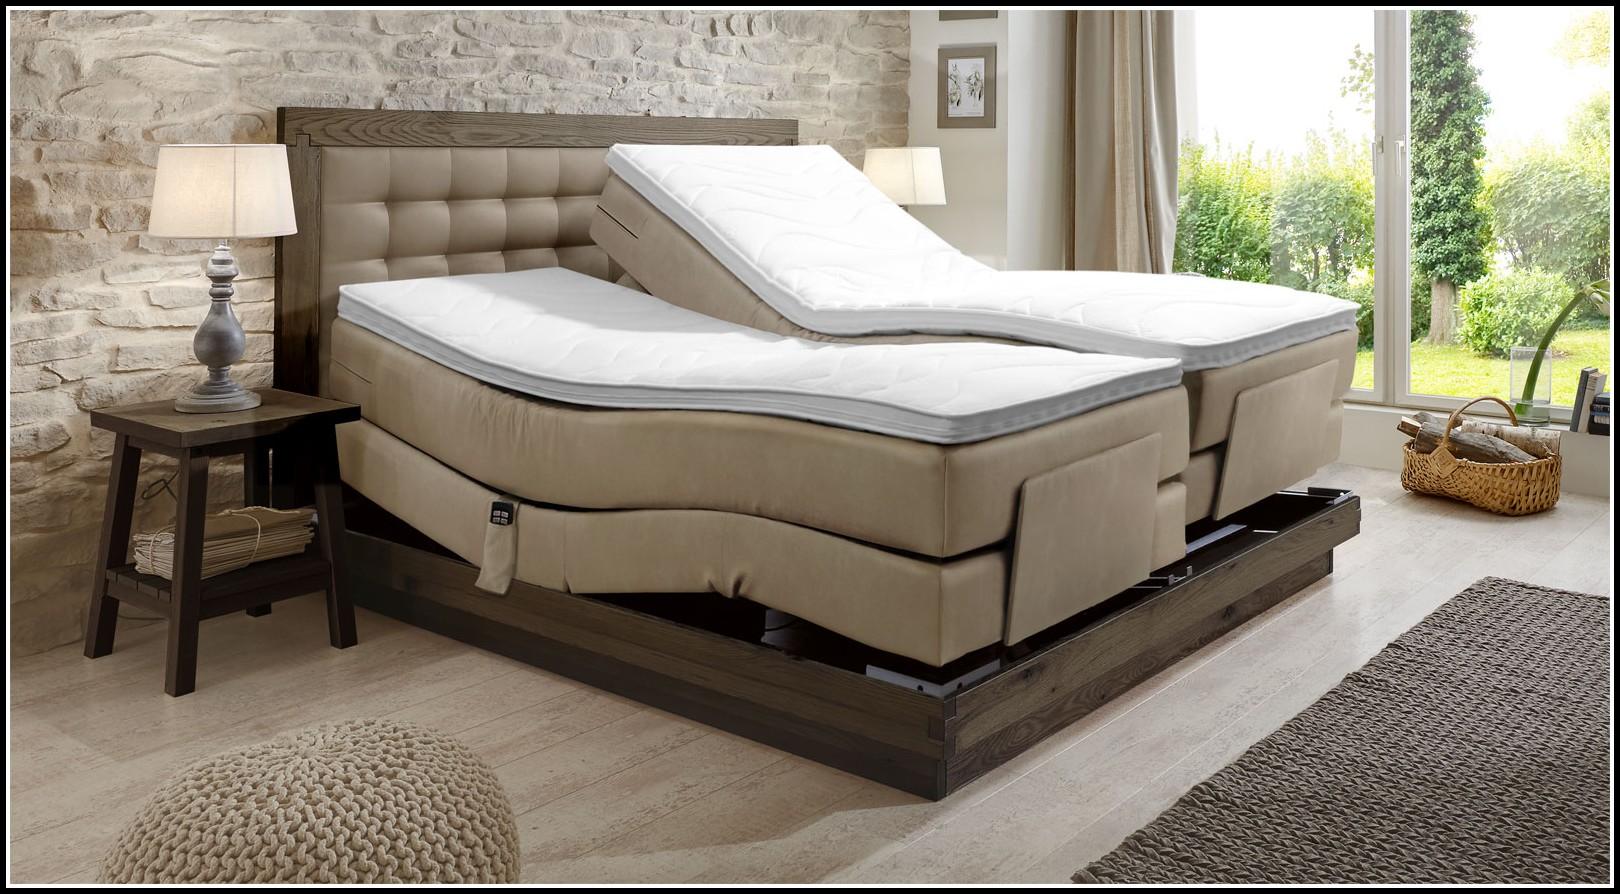 bett auf rechnung kaufen betten house und dekor. Black Bedroom Furniture Sets. Home Design Ideas